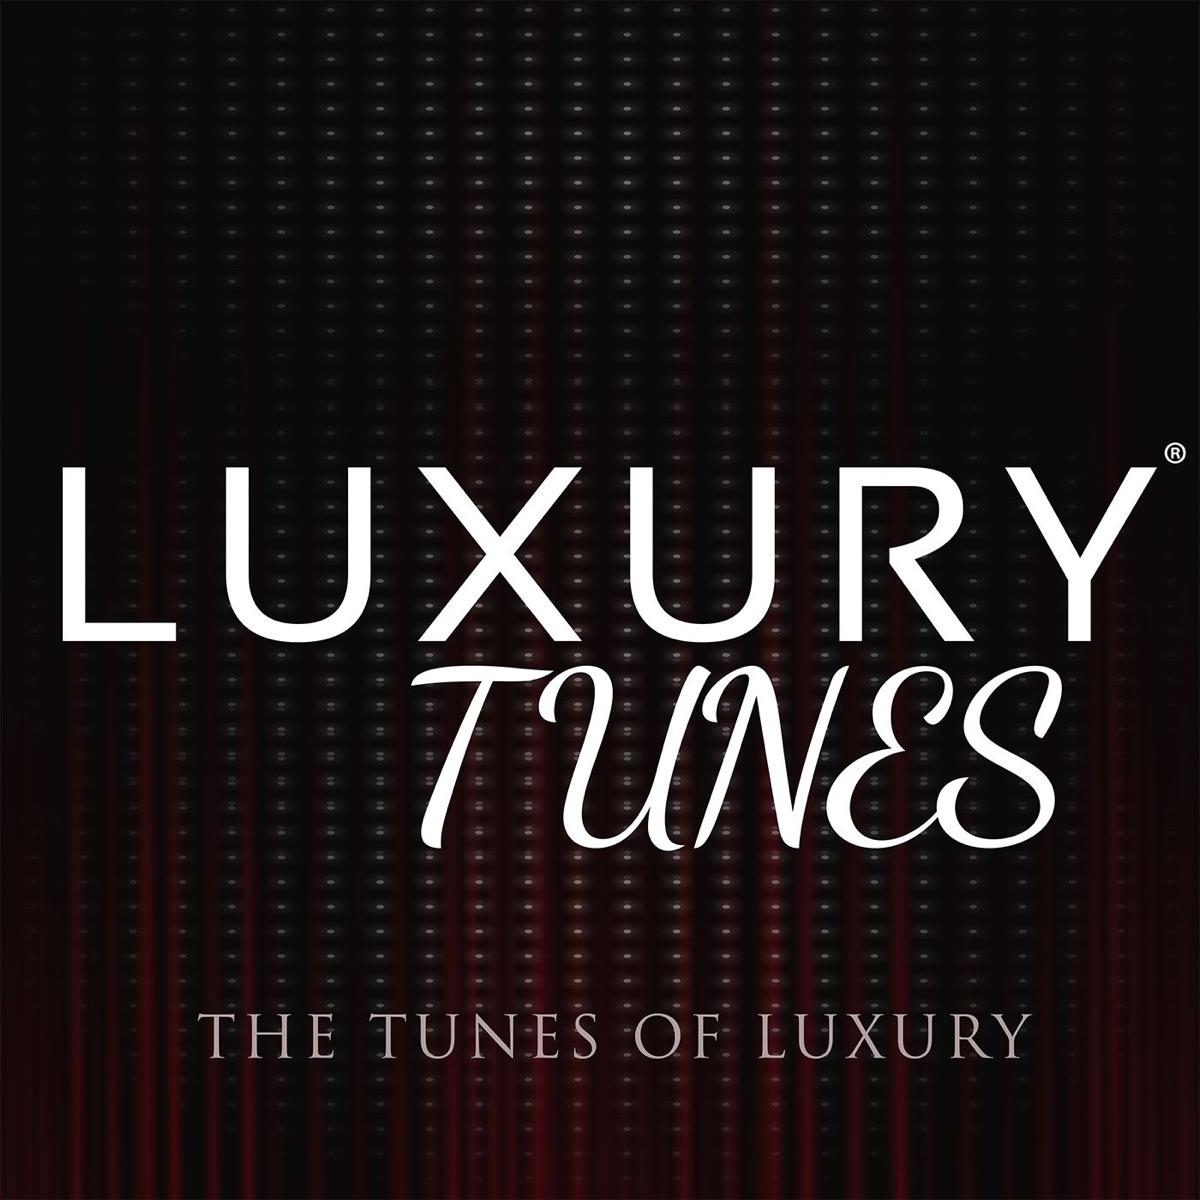 The tunes of Luxury